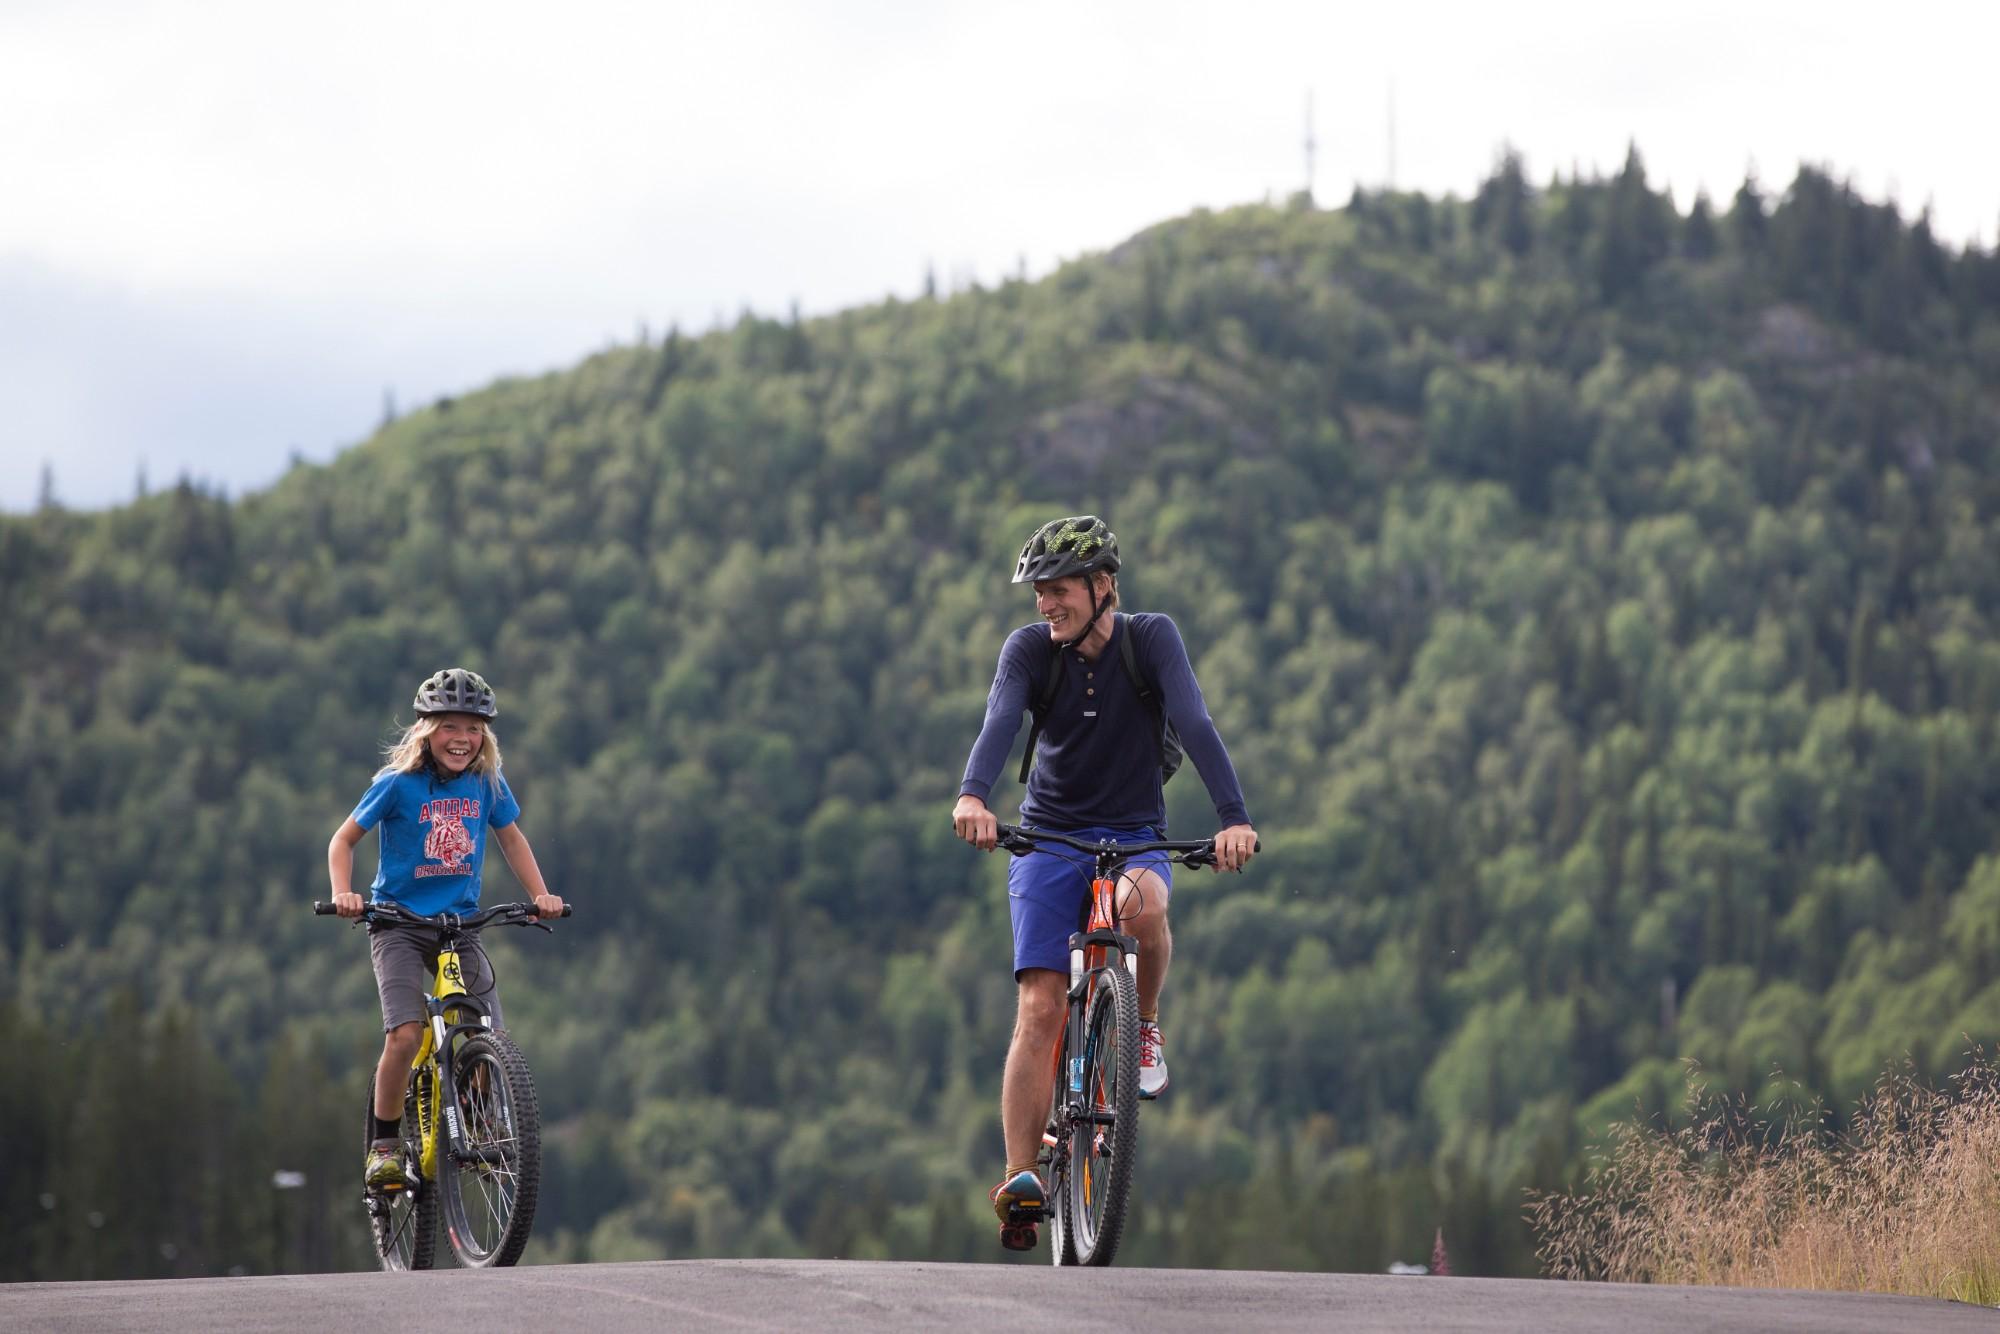 Sykkel, utleie tur, terrengsykkel